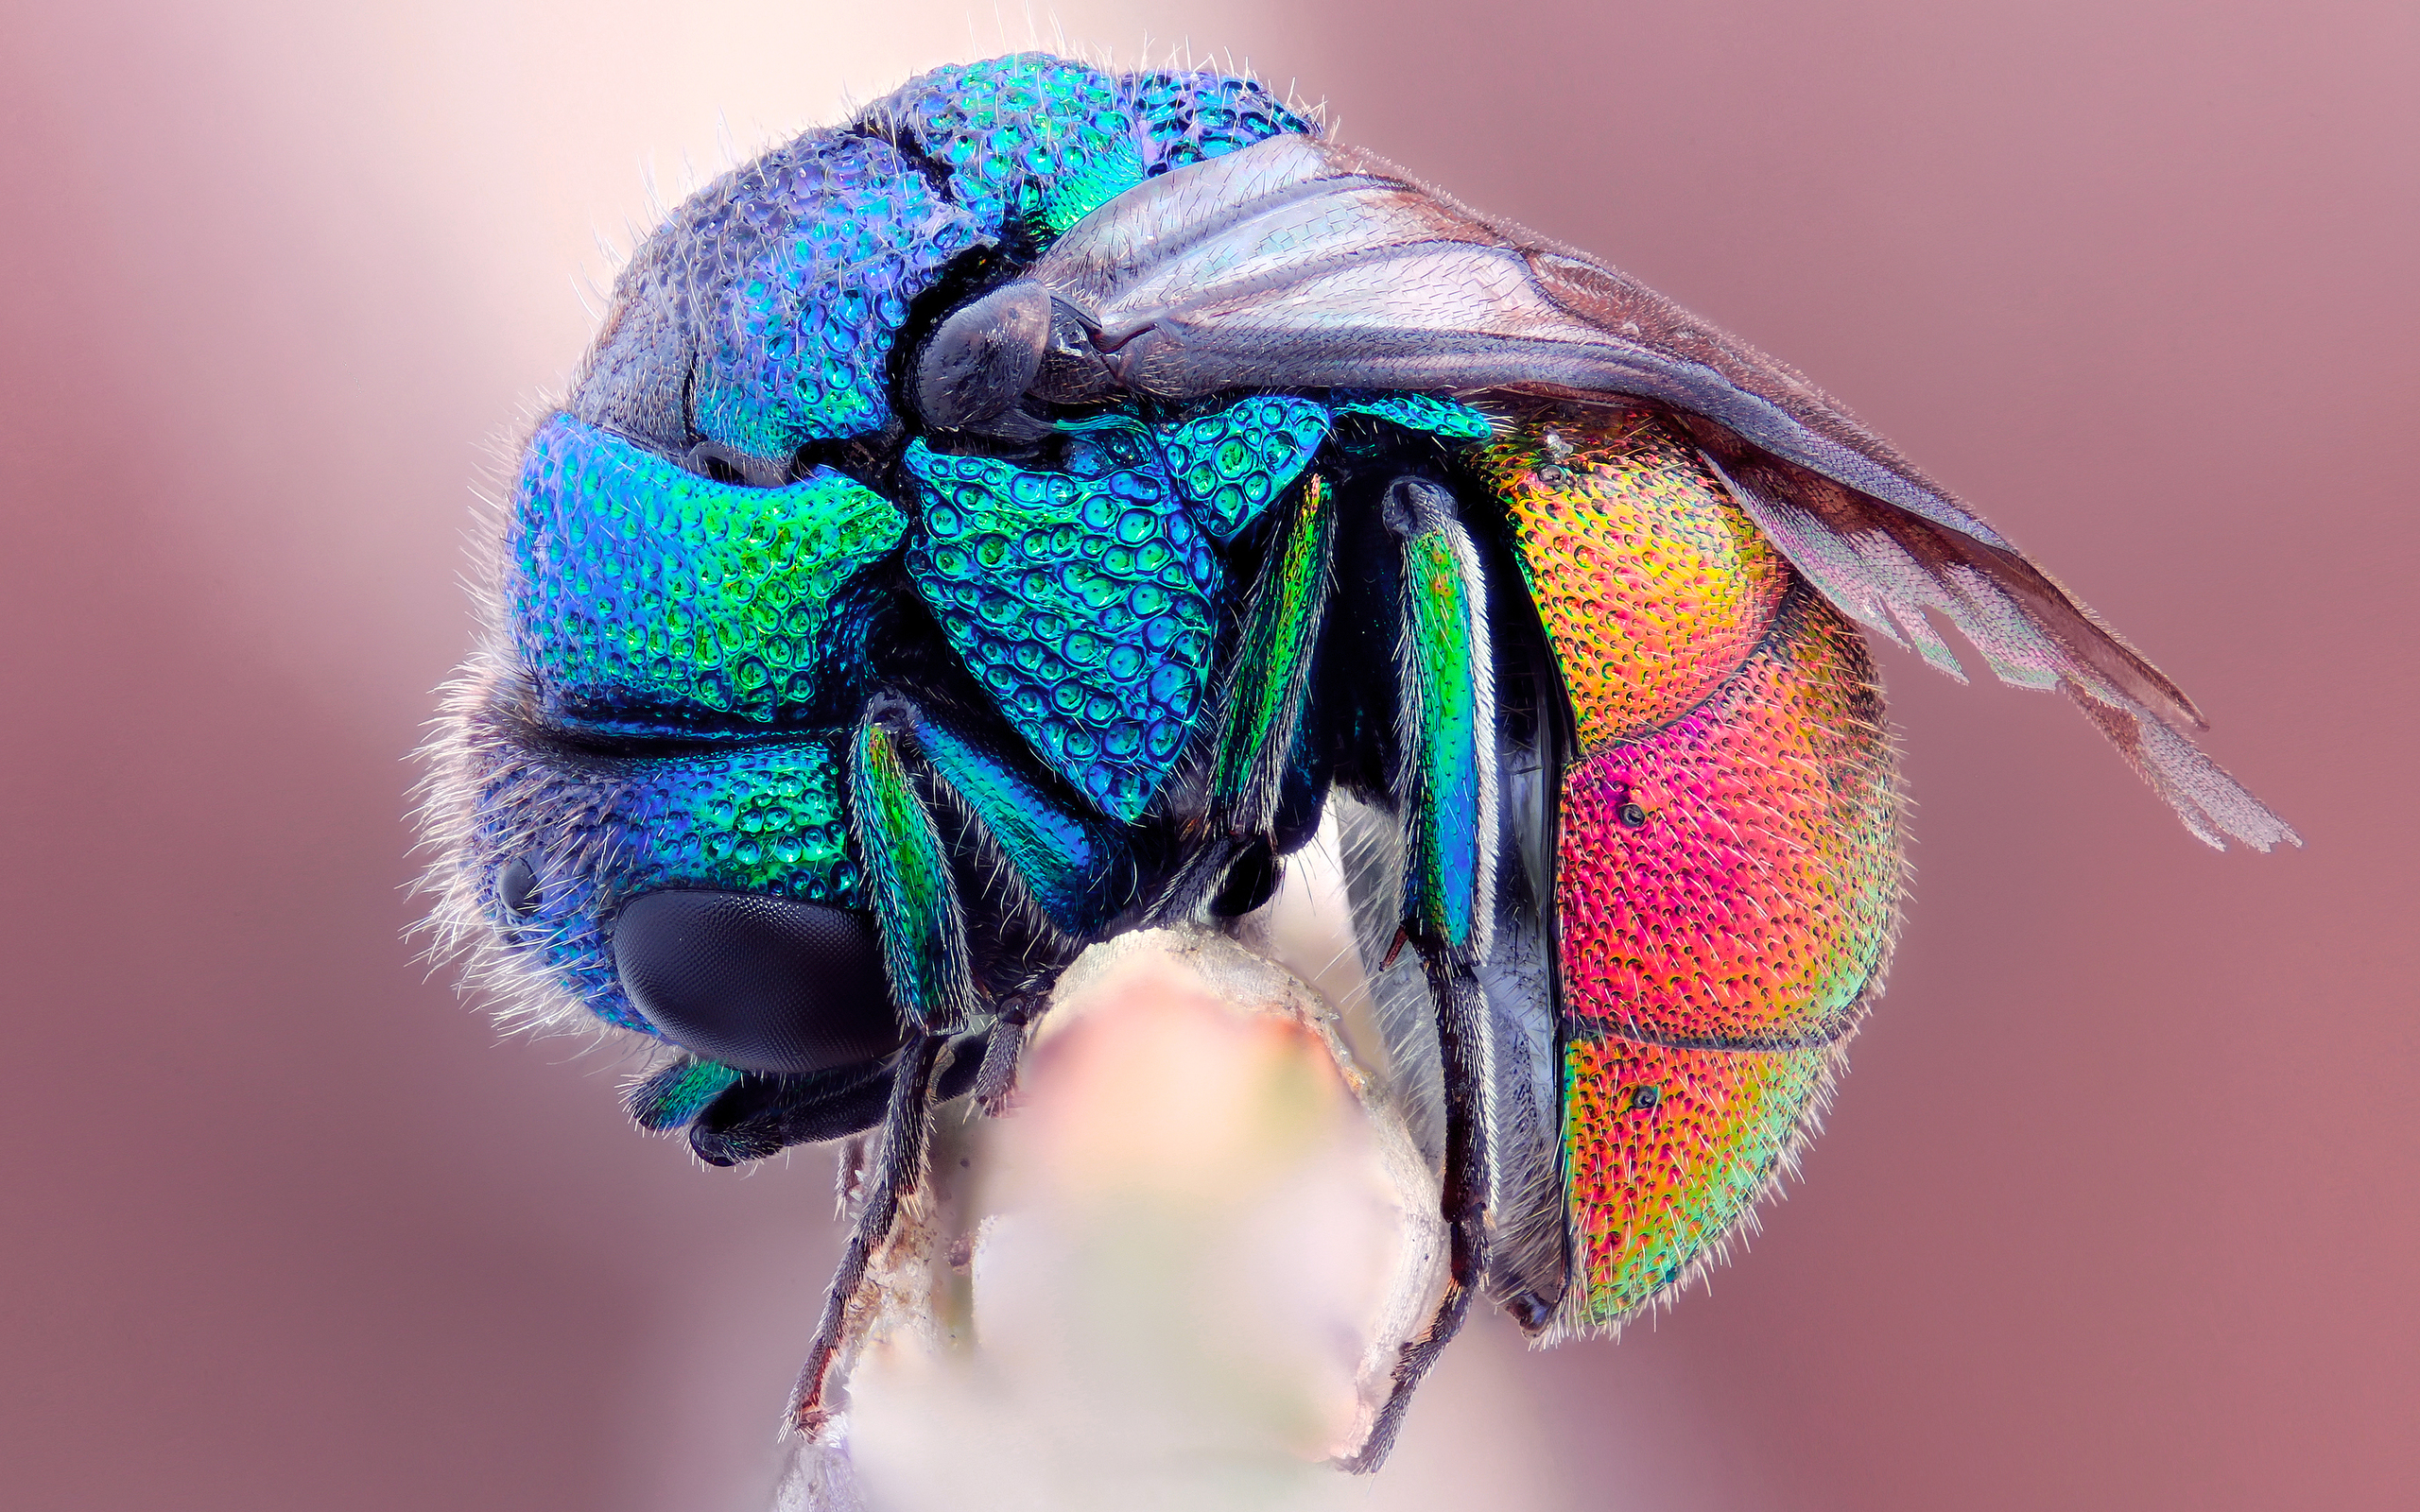 муха, цветная, крылья